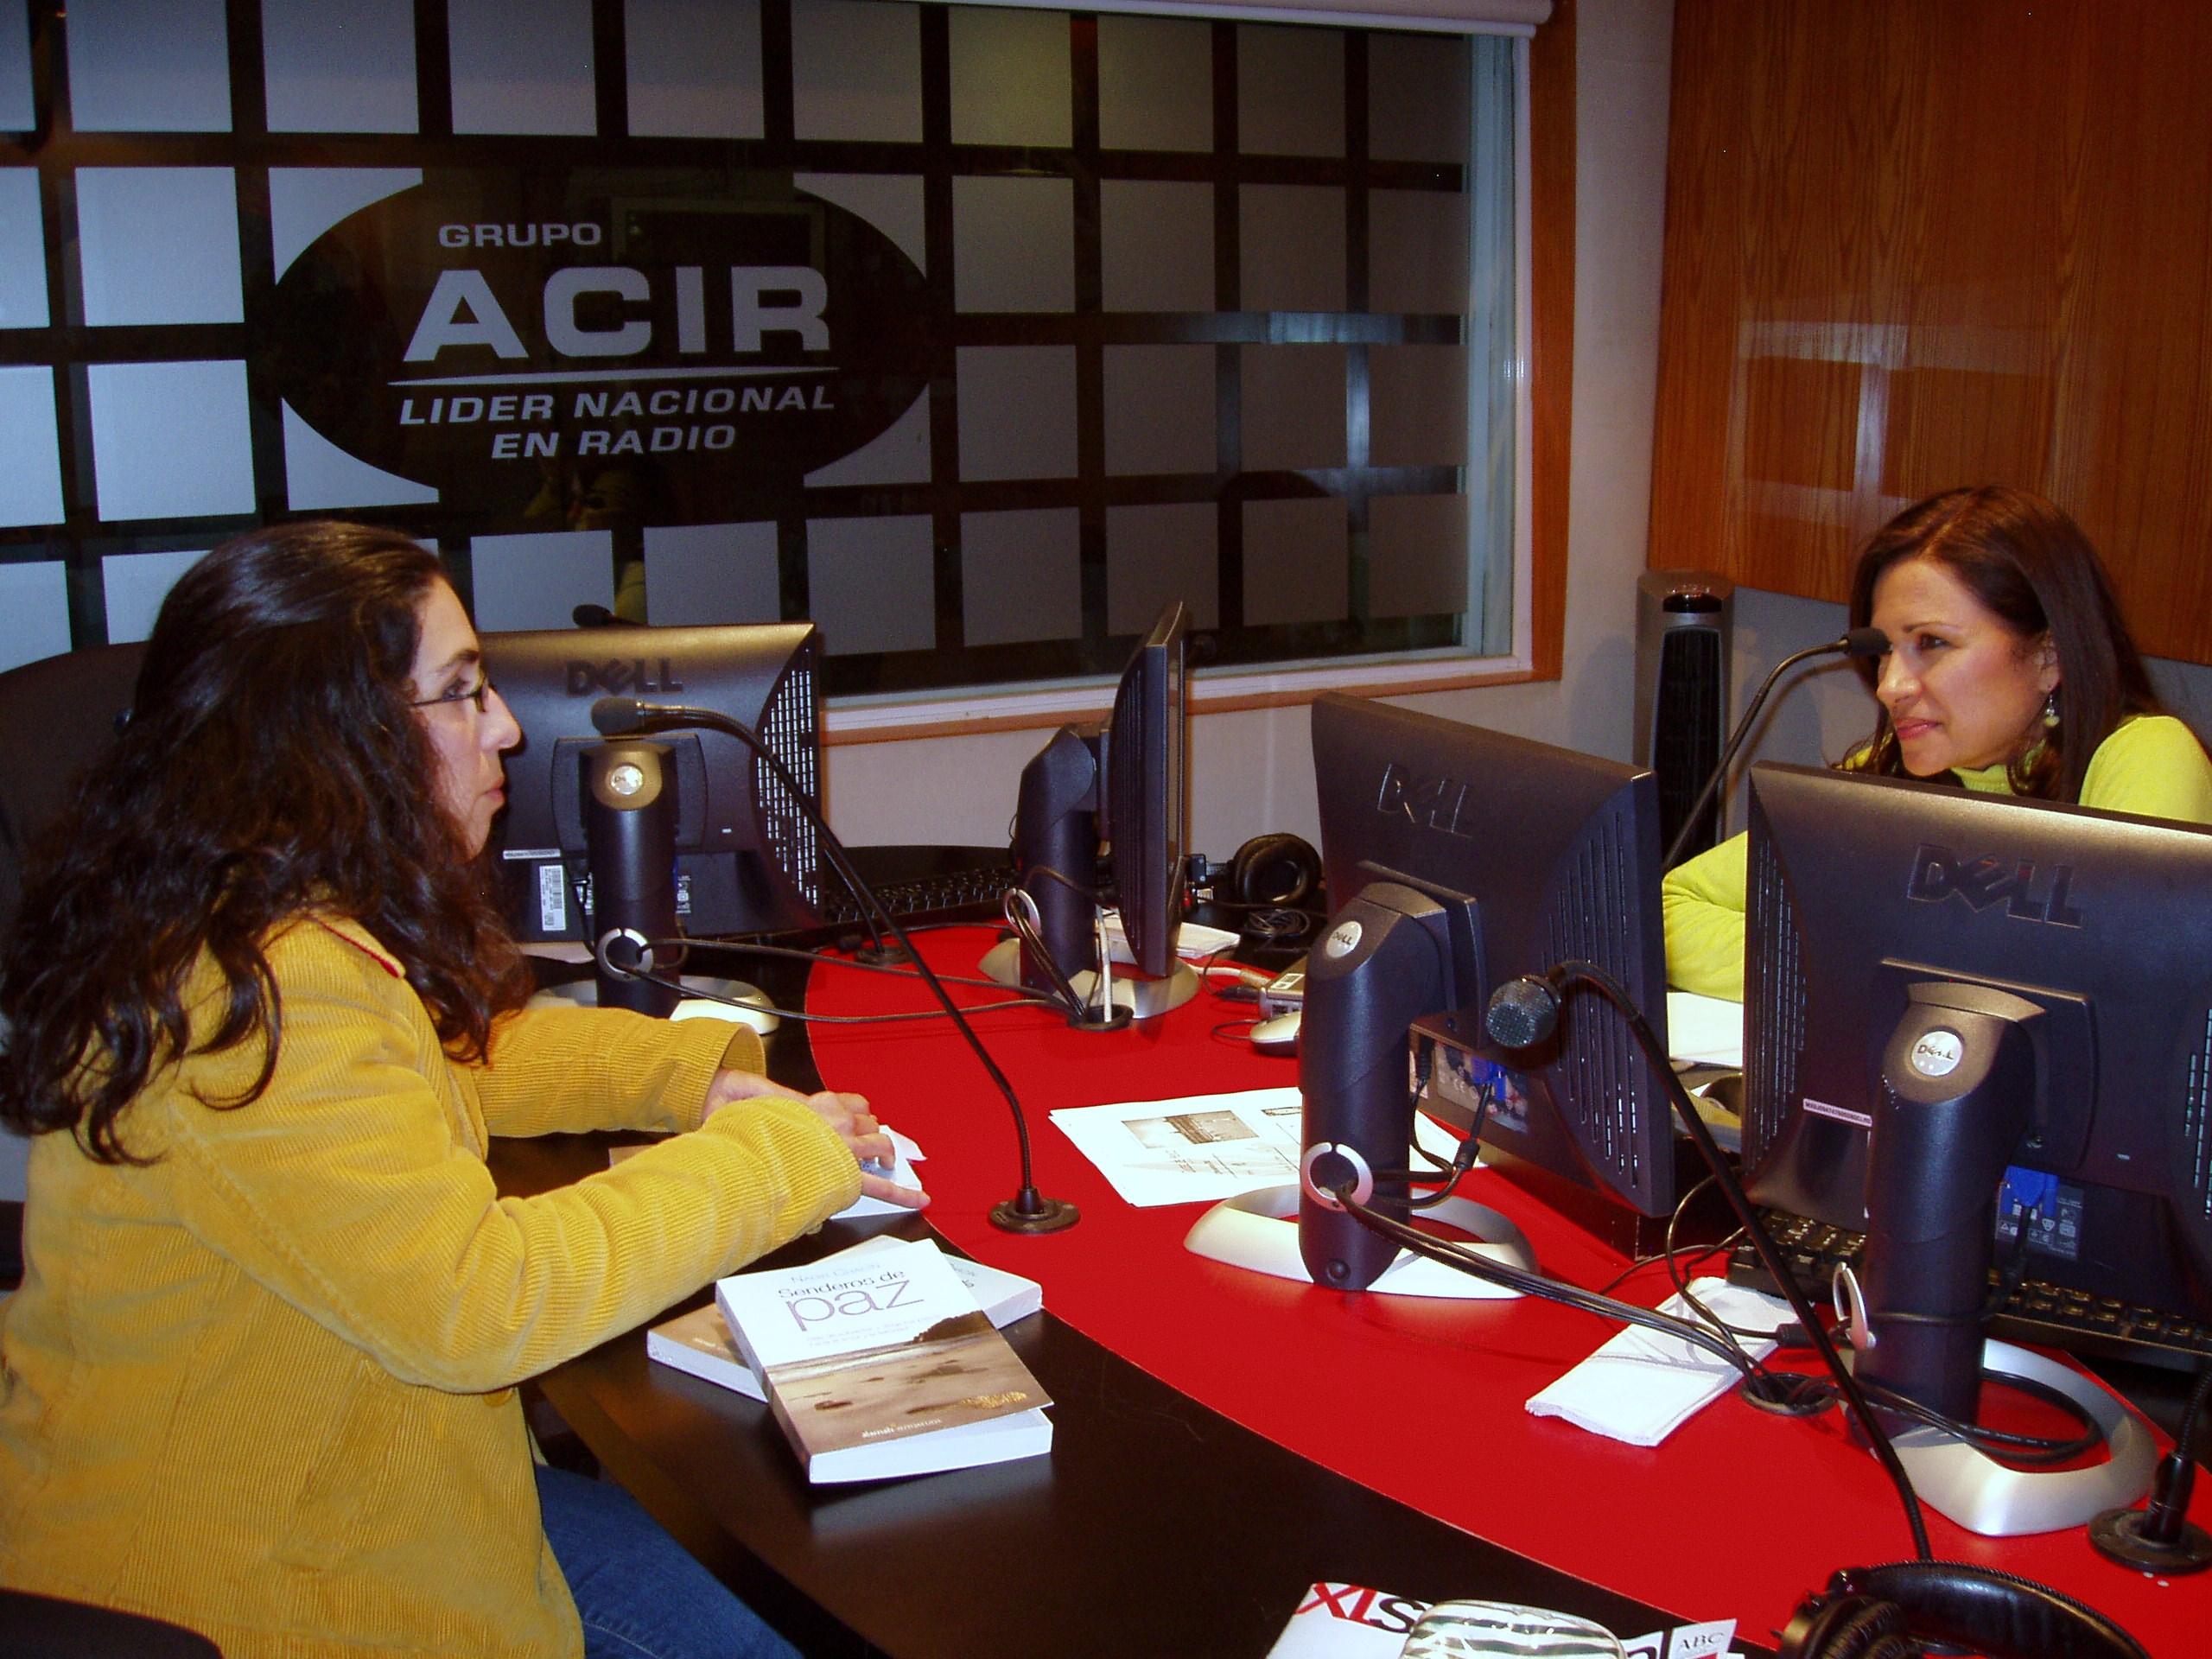 En el estudio de grabación durante la entrevista